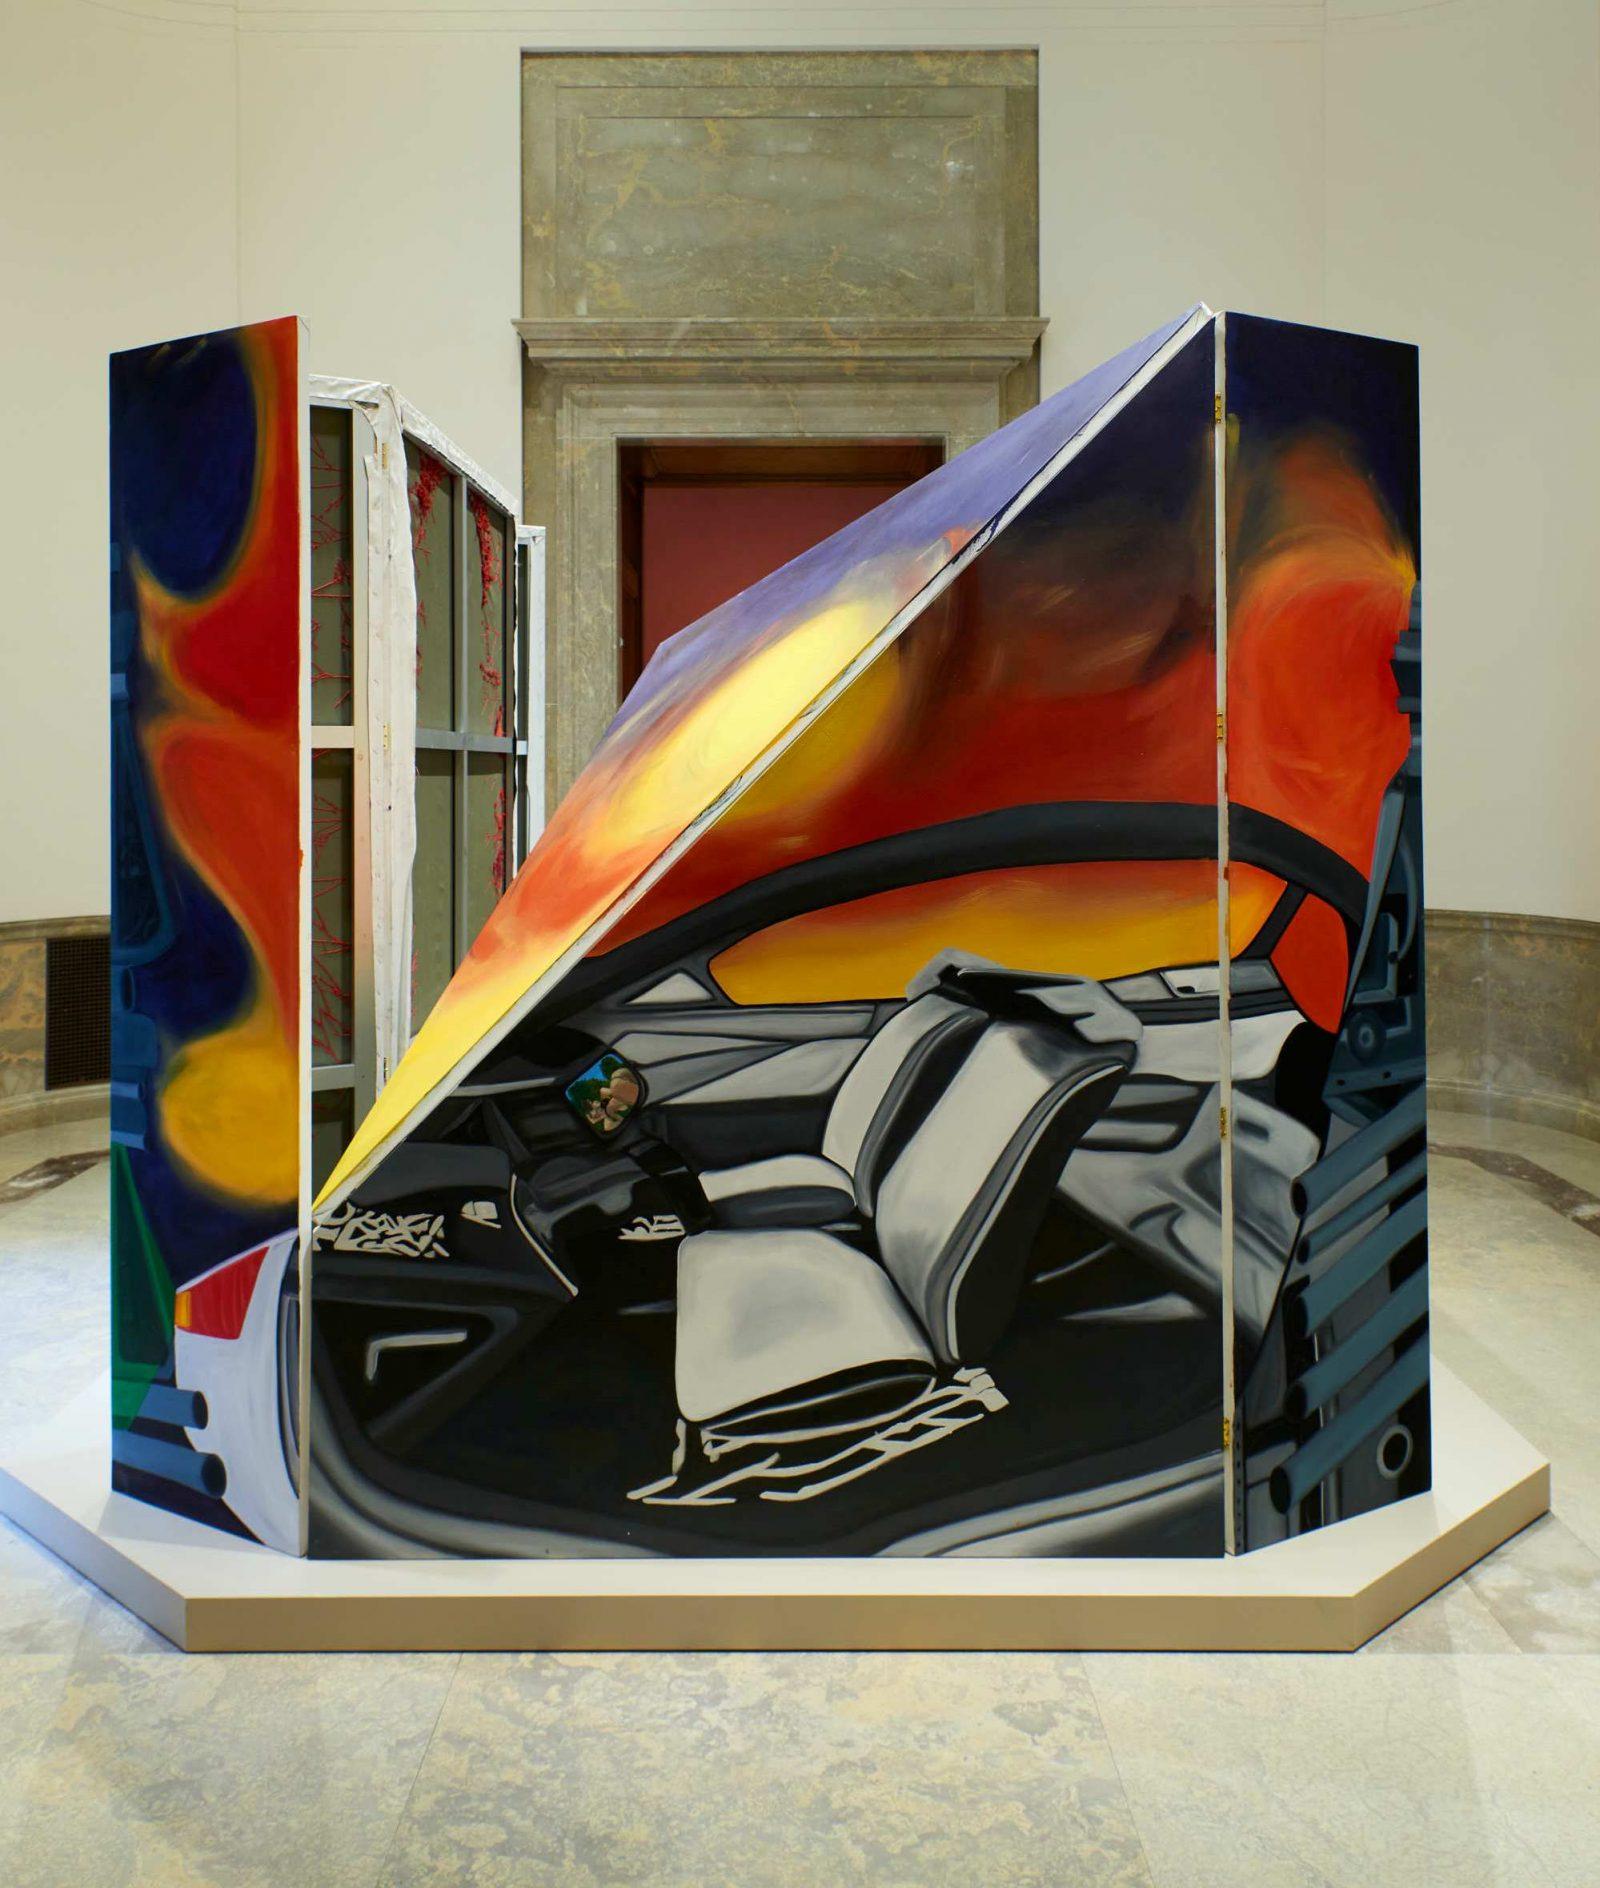 Frieda Toranzo Jaeger, The Perpetual Sense of Redness, 2021, Baltimore Museum of Art.